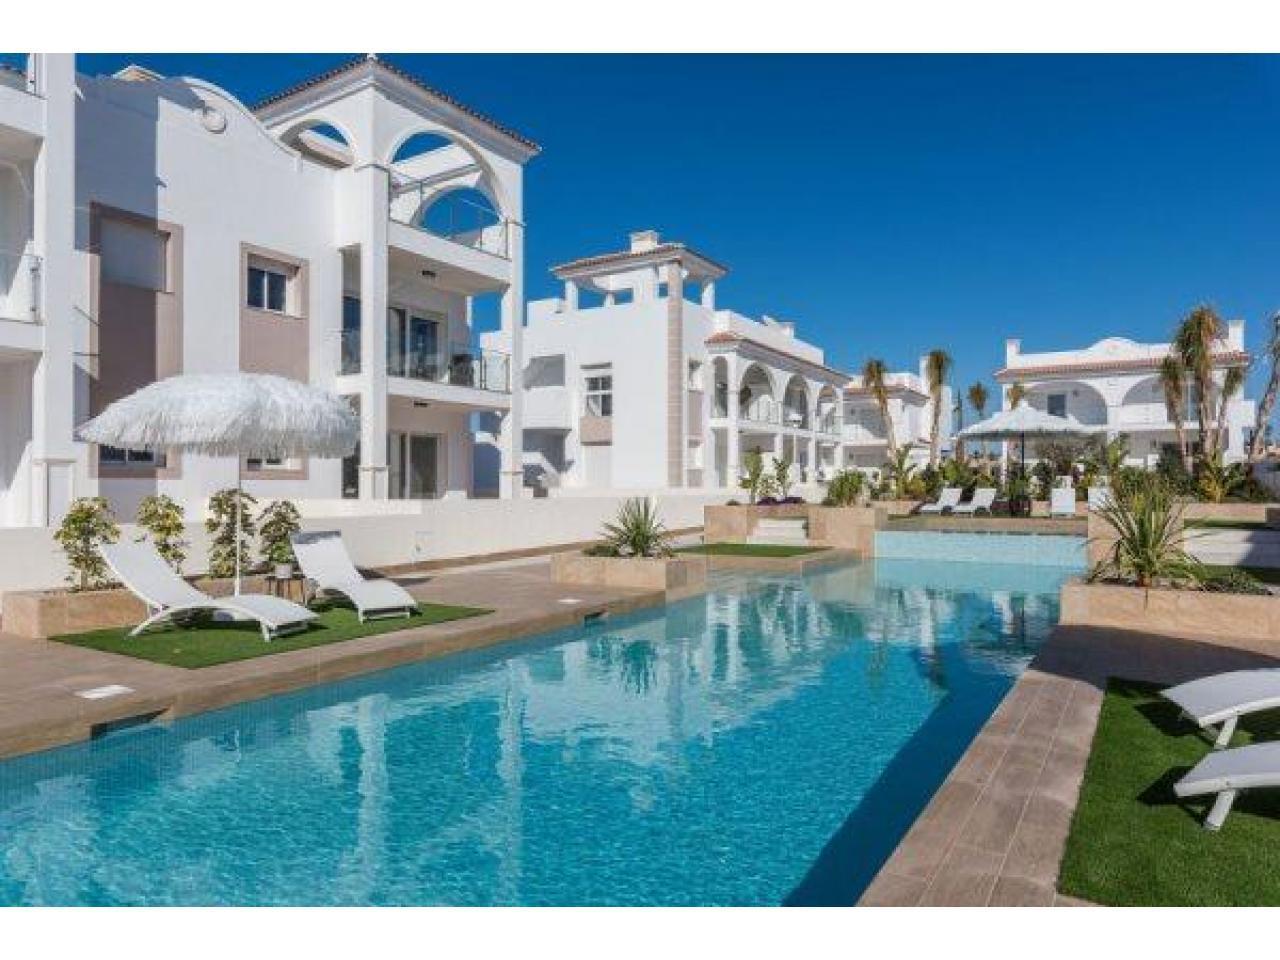 Недвижимость в Испании, Новые бунгало от застройщика в Сьюдад Кесада,Коста Бланка,Испания - 1